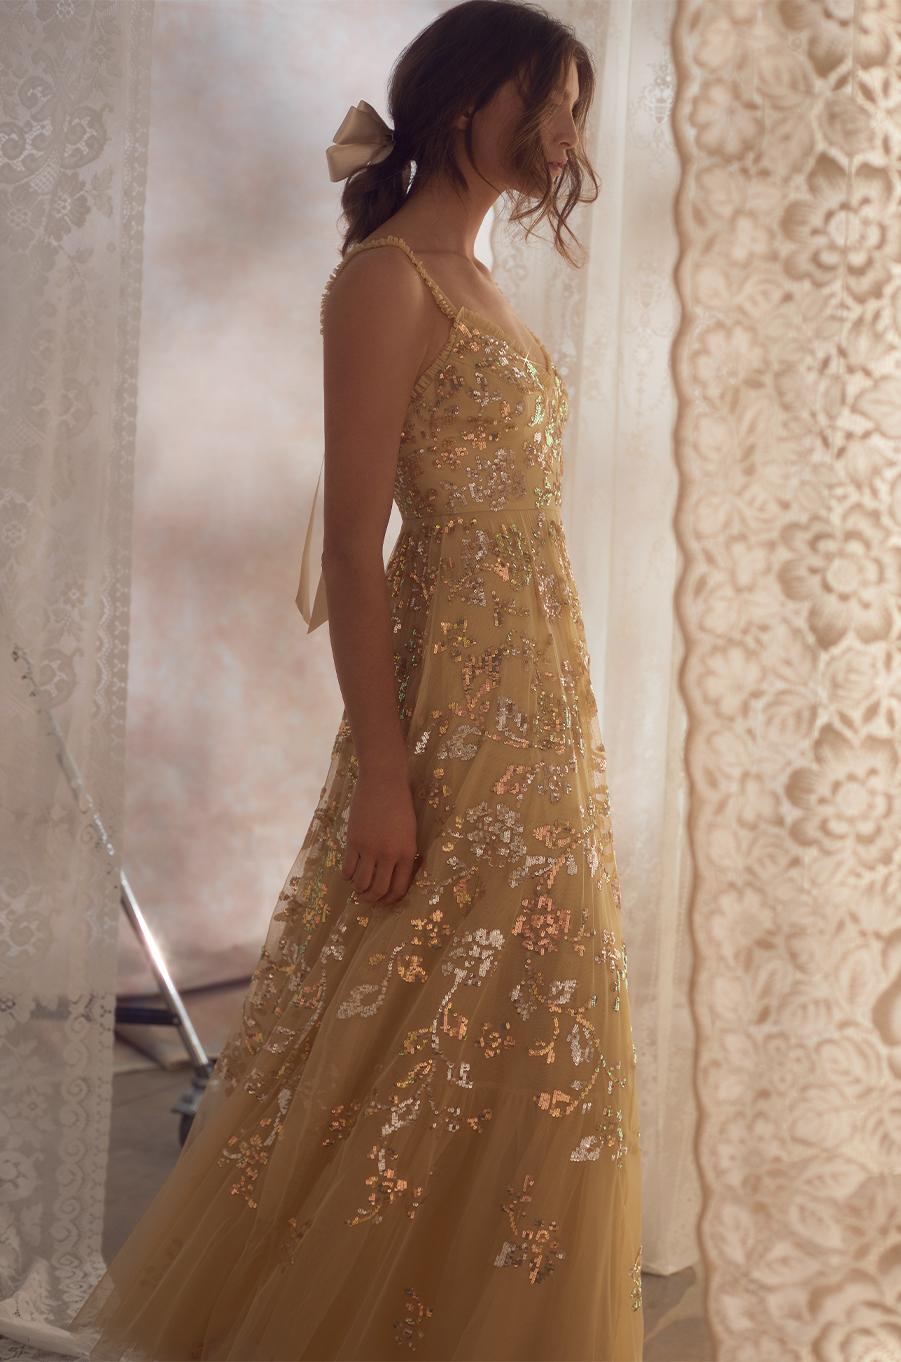 Valentina Sequin Gown